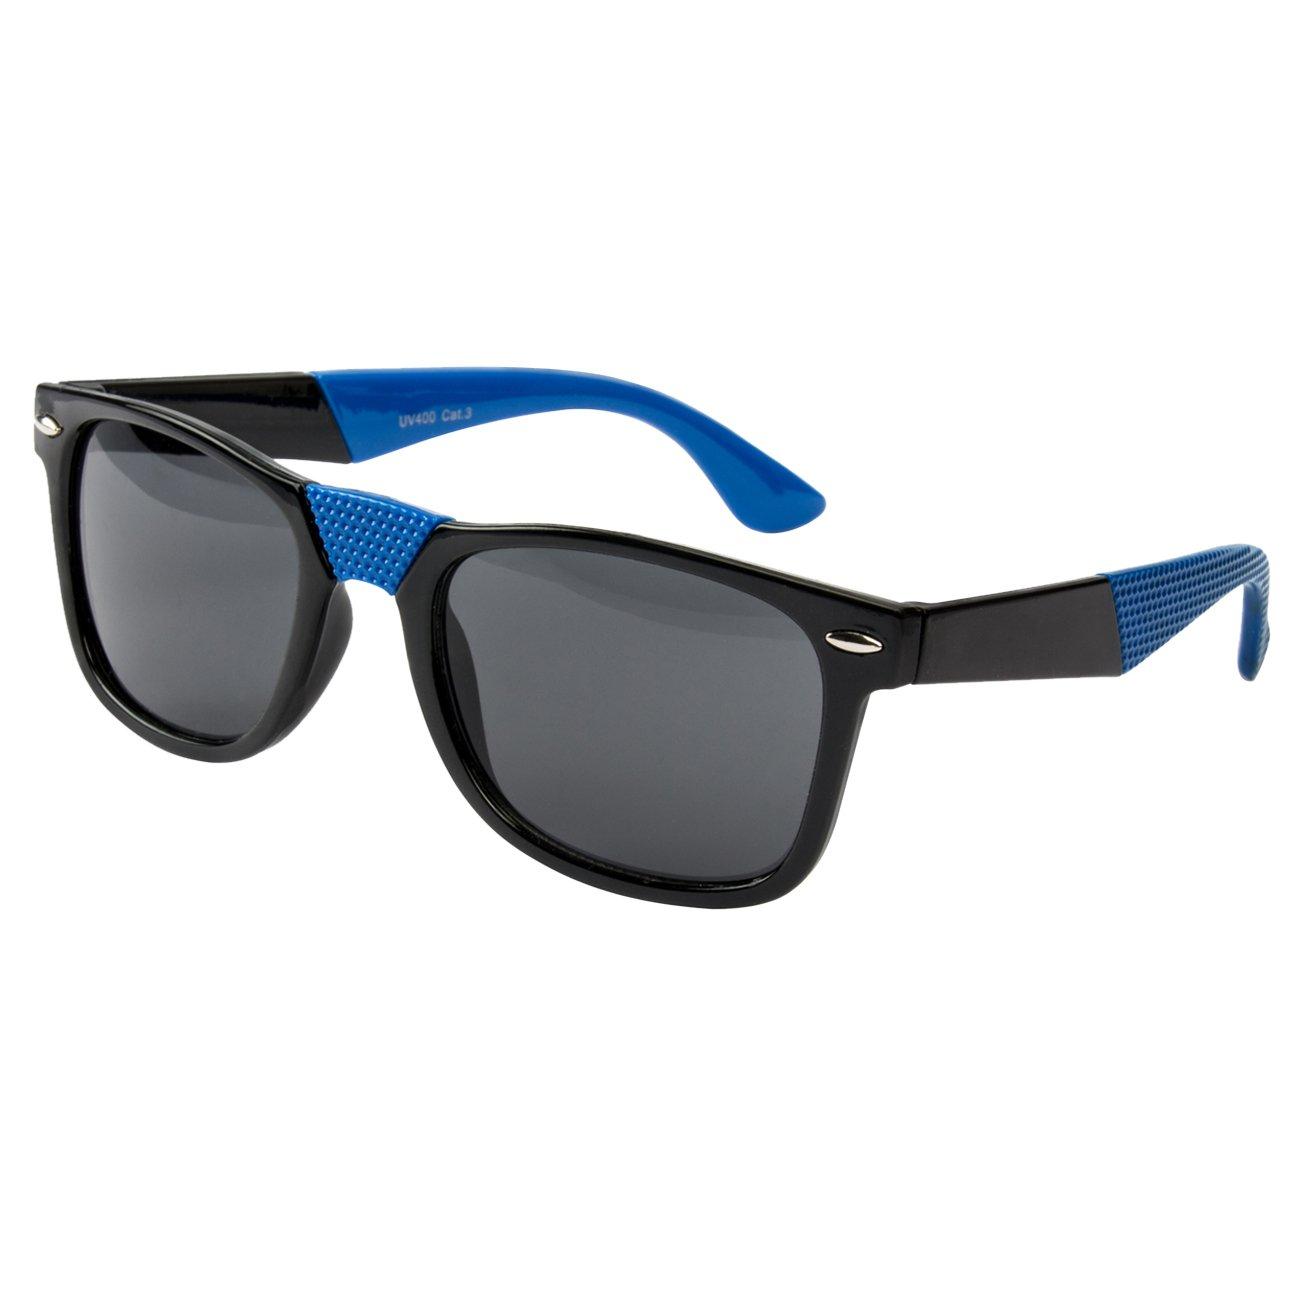 7c2df205d8 Ciffre-UV®400 Nuevas Gafas de sol para mujer hombre clásico Nerd Vintage  mate Negro Azul UV400: Amazon.es: Ropa y accesorios